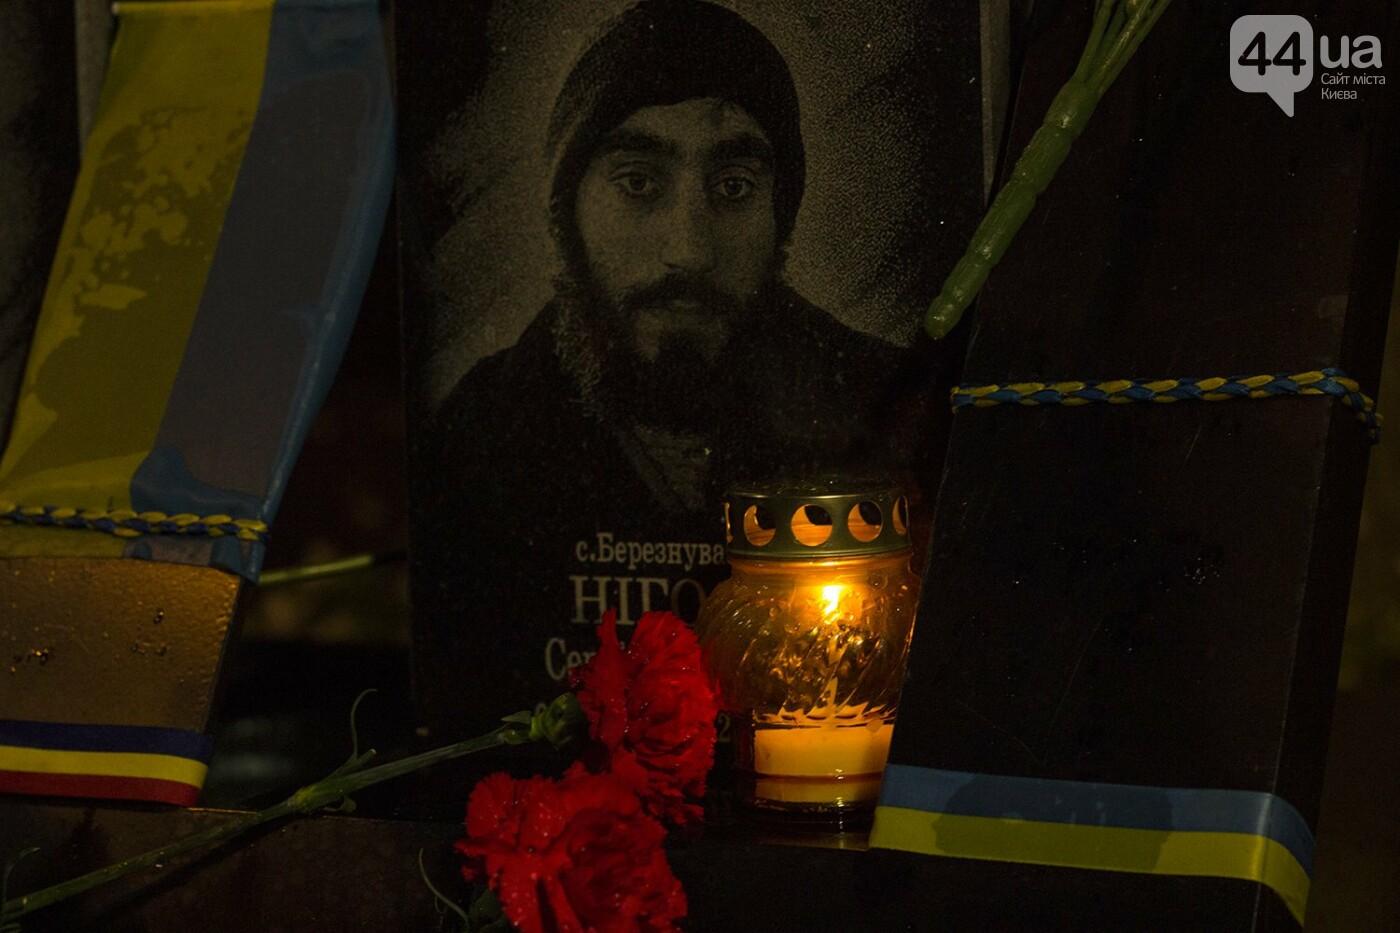 Годовщина Евромайдана: в Киеве зажгли Лучи достоинства, фото-14